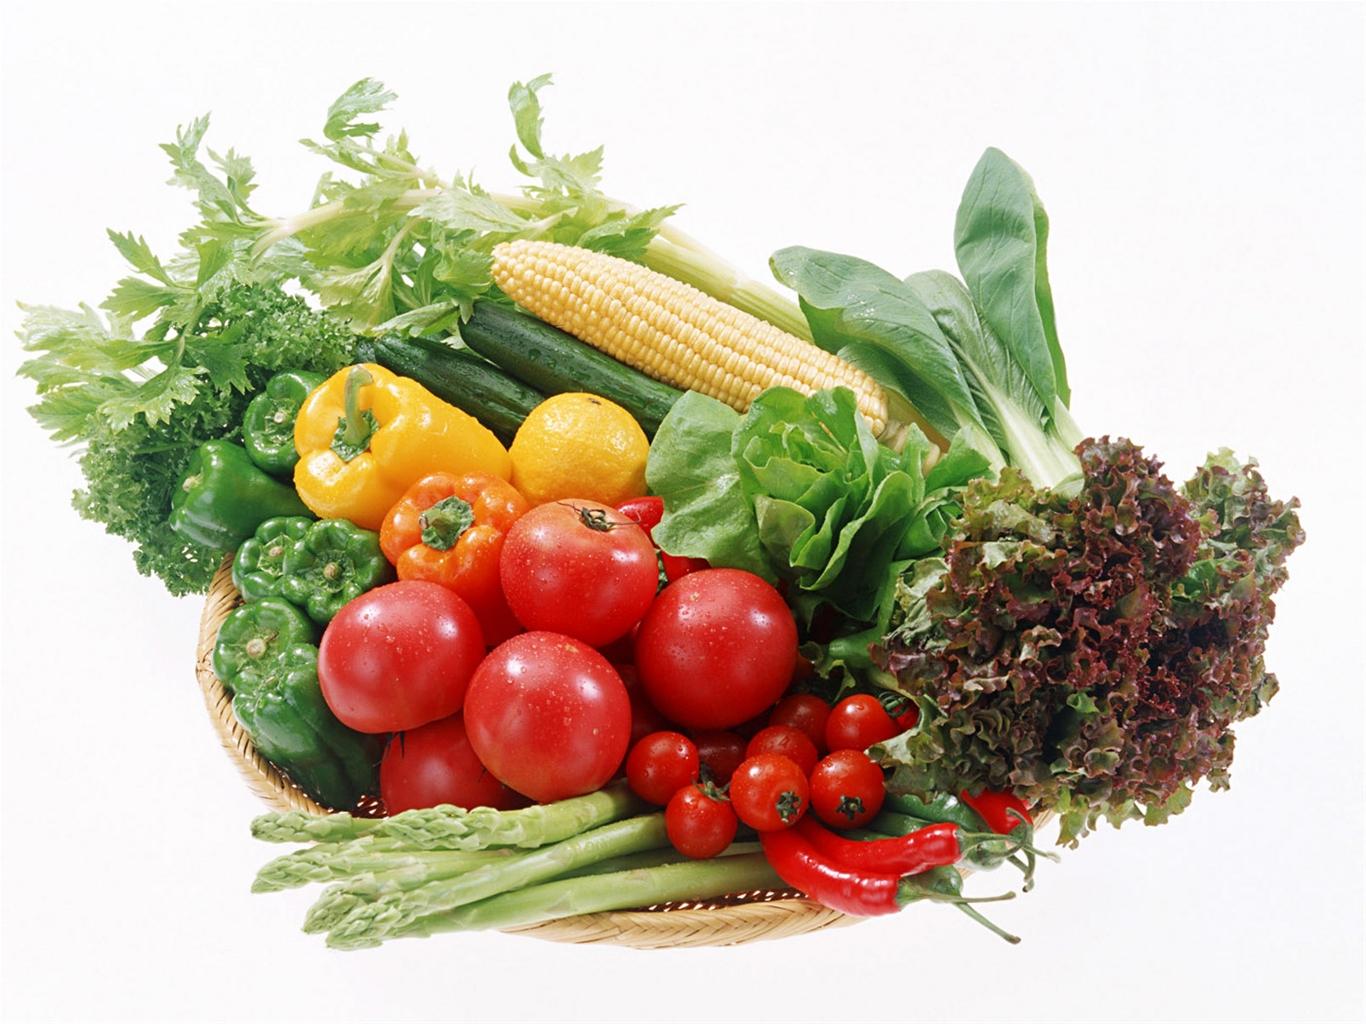 Mẹ cũng nên bổ sung các loại thực phẩm giàu vitamin